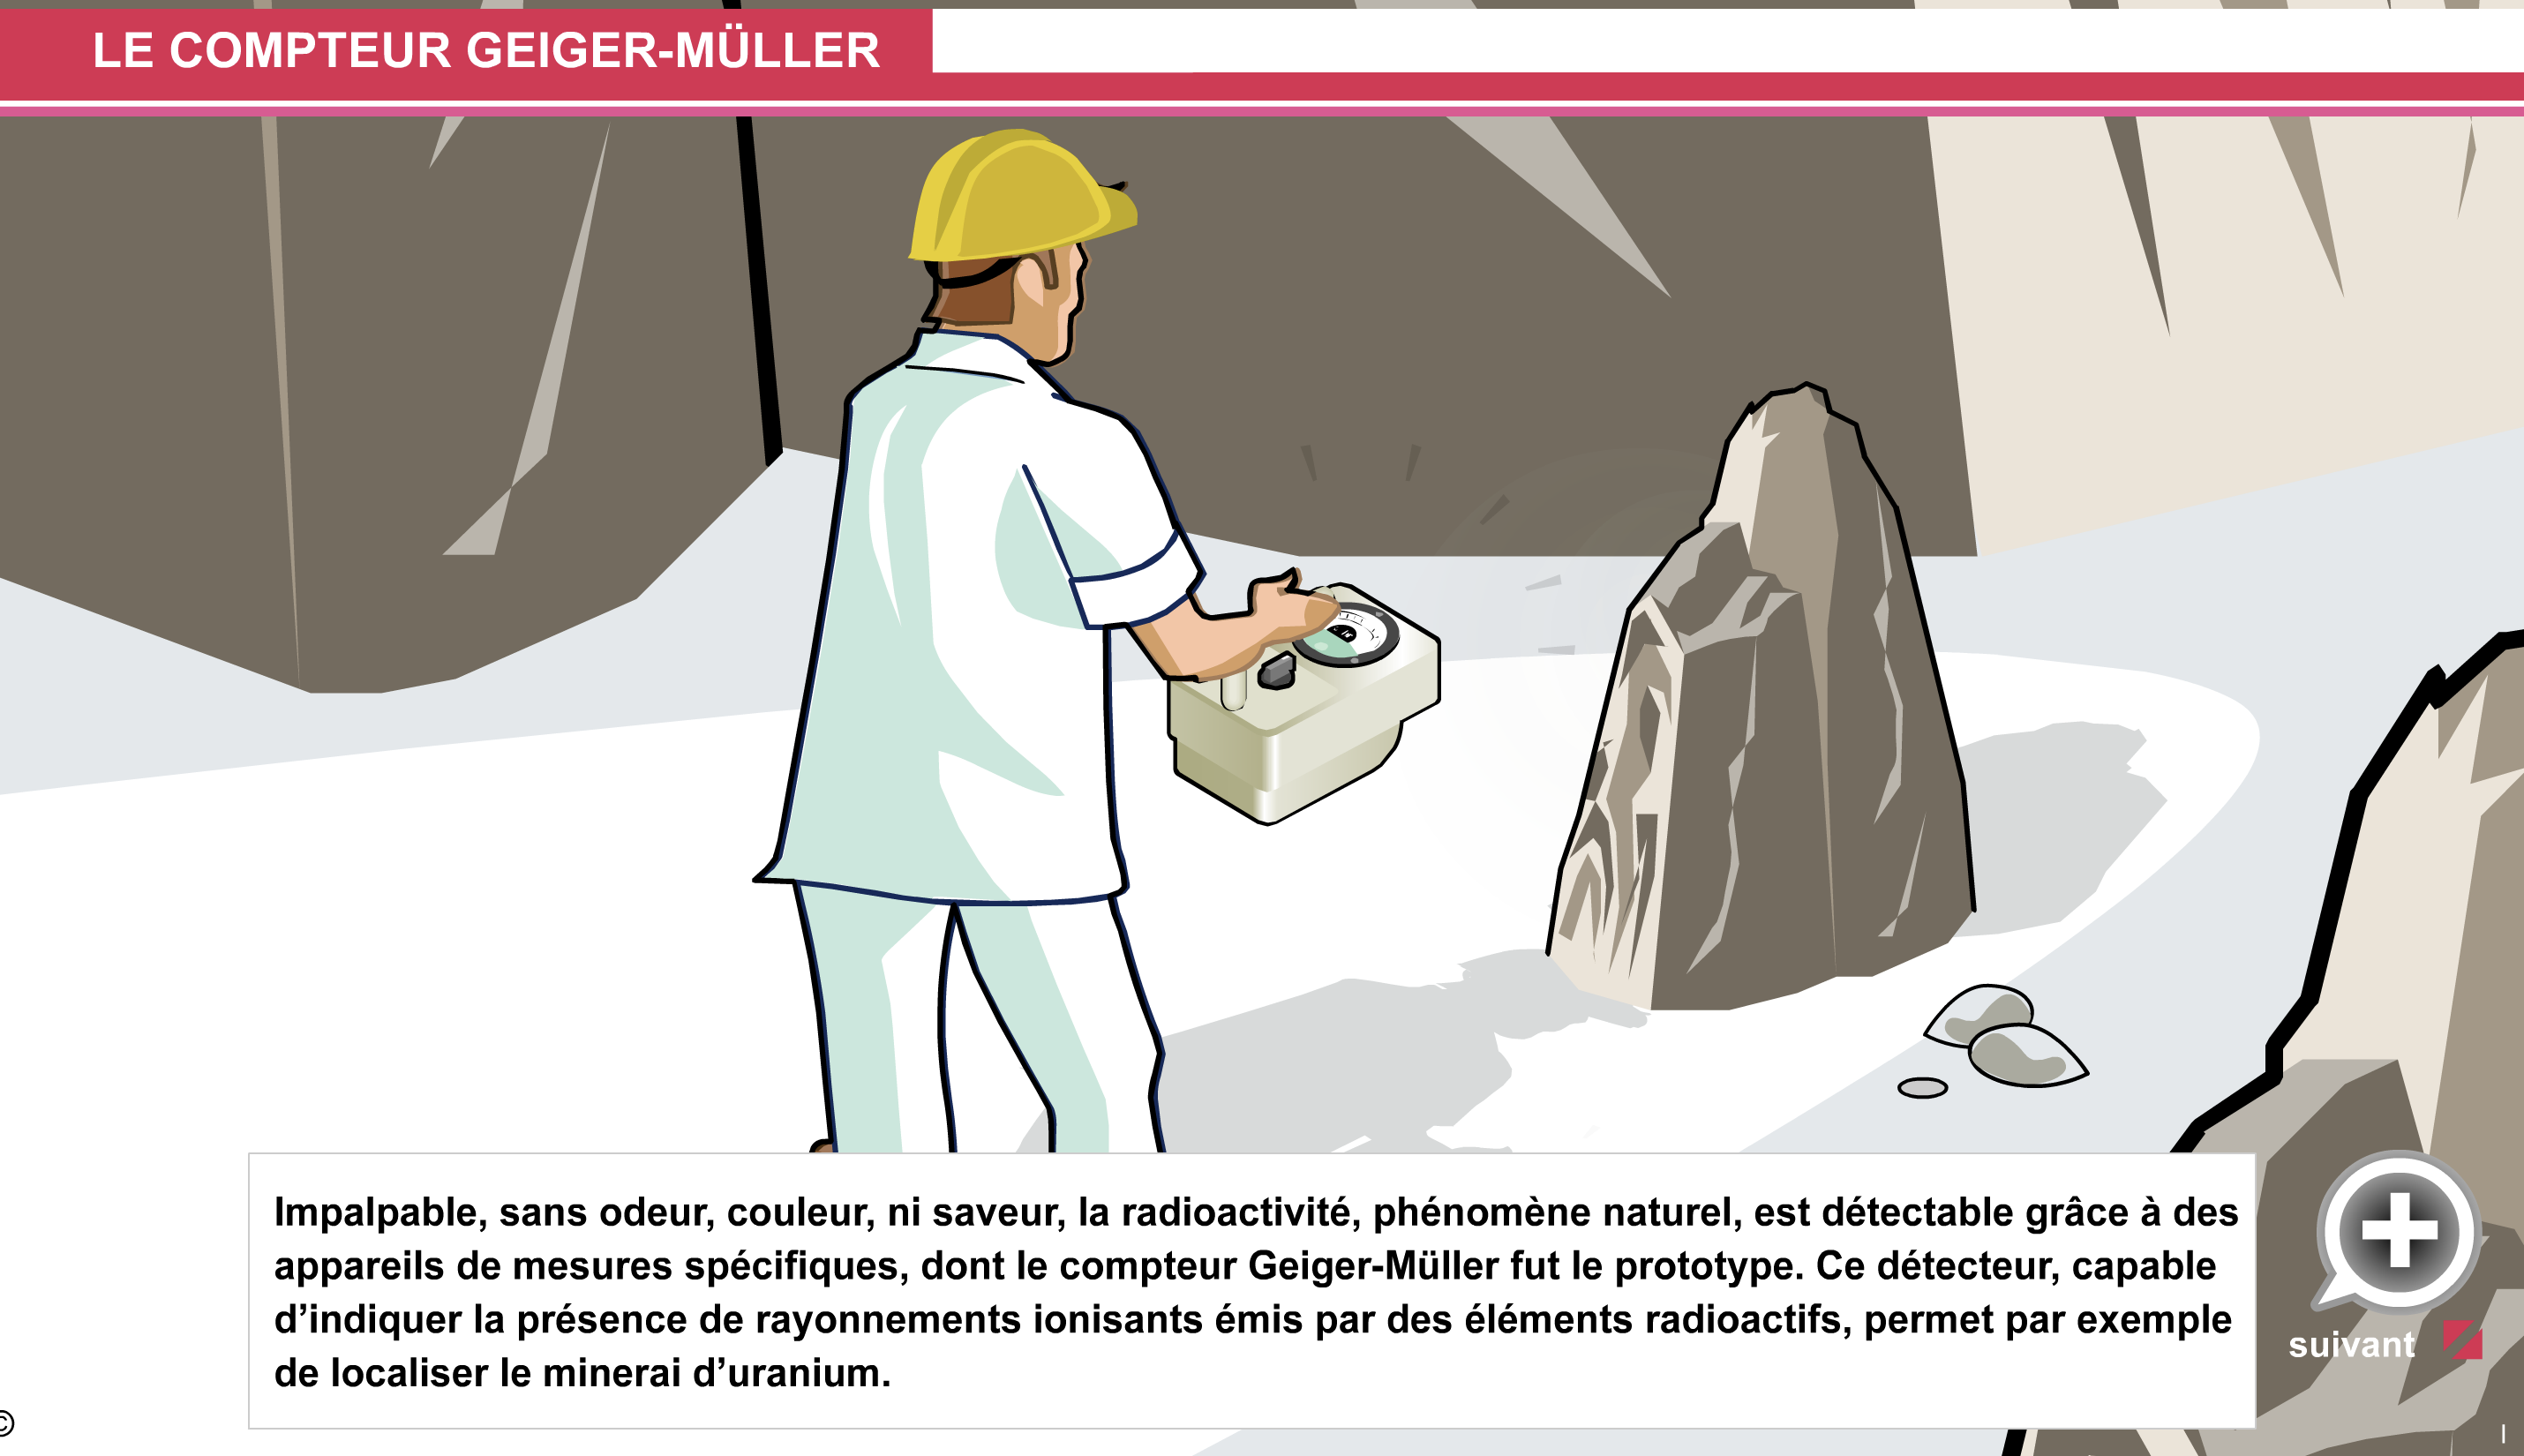 Le compteur Geiger-Müller